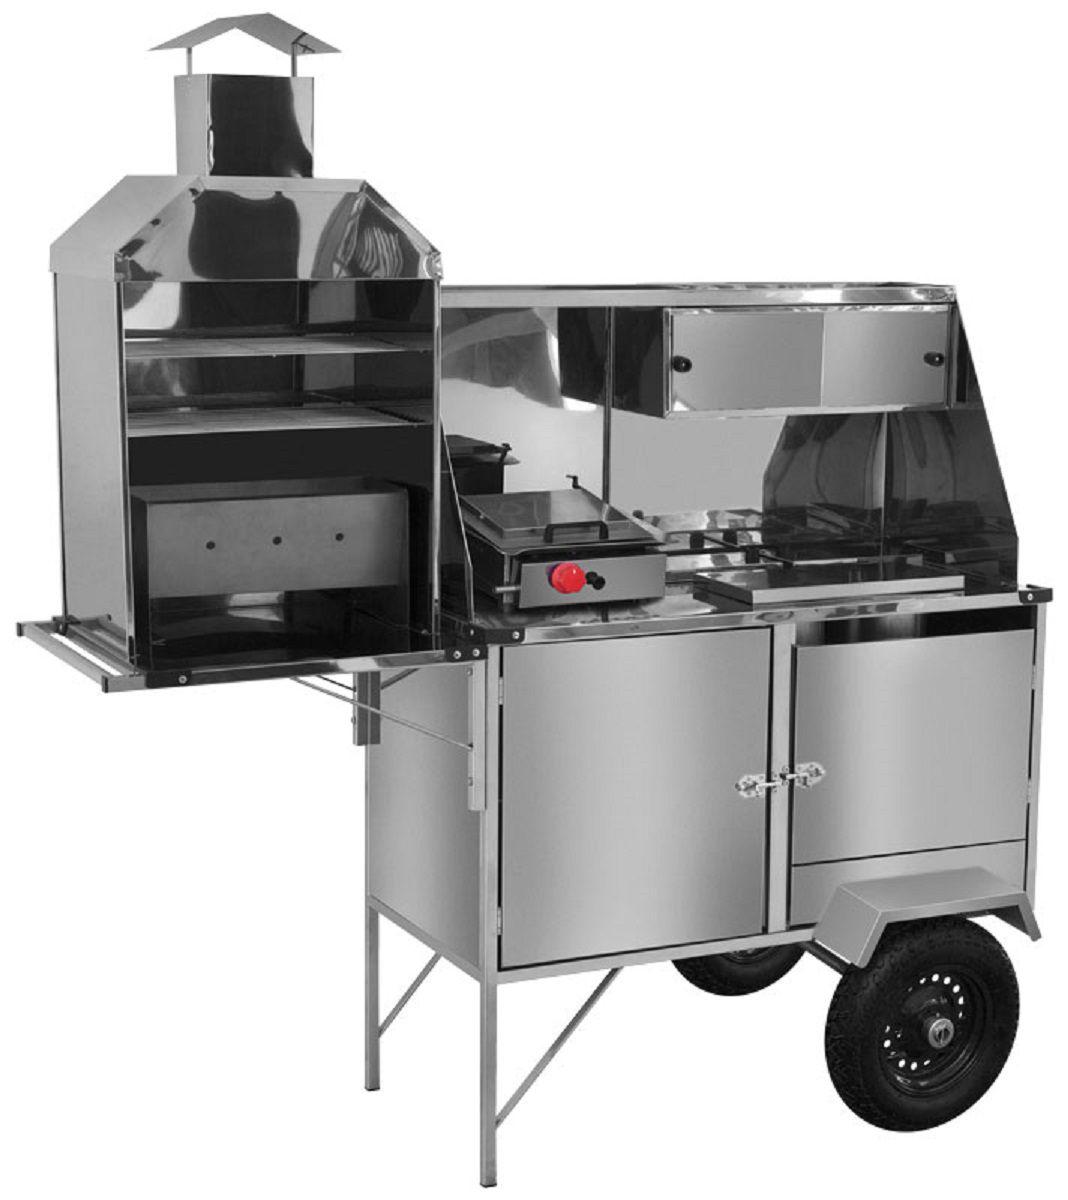 Carrinho 3x1 - Hot Dog, Lanche e  Churrasco Luxo Inox com Rodas  Pneumáticas e Guarda Sol - LC12P/GS - CEFAZ